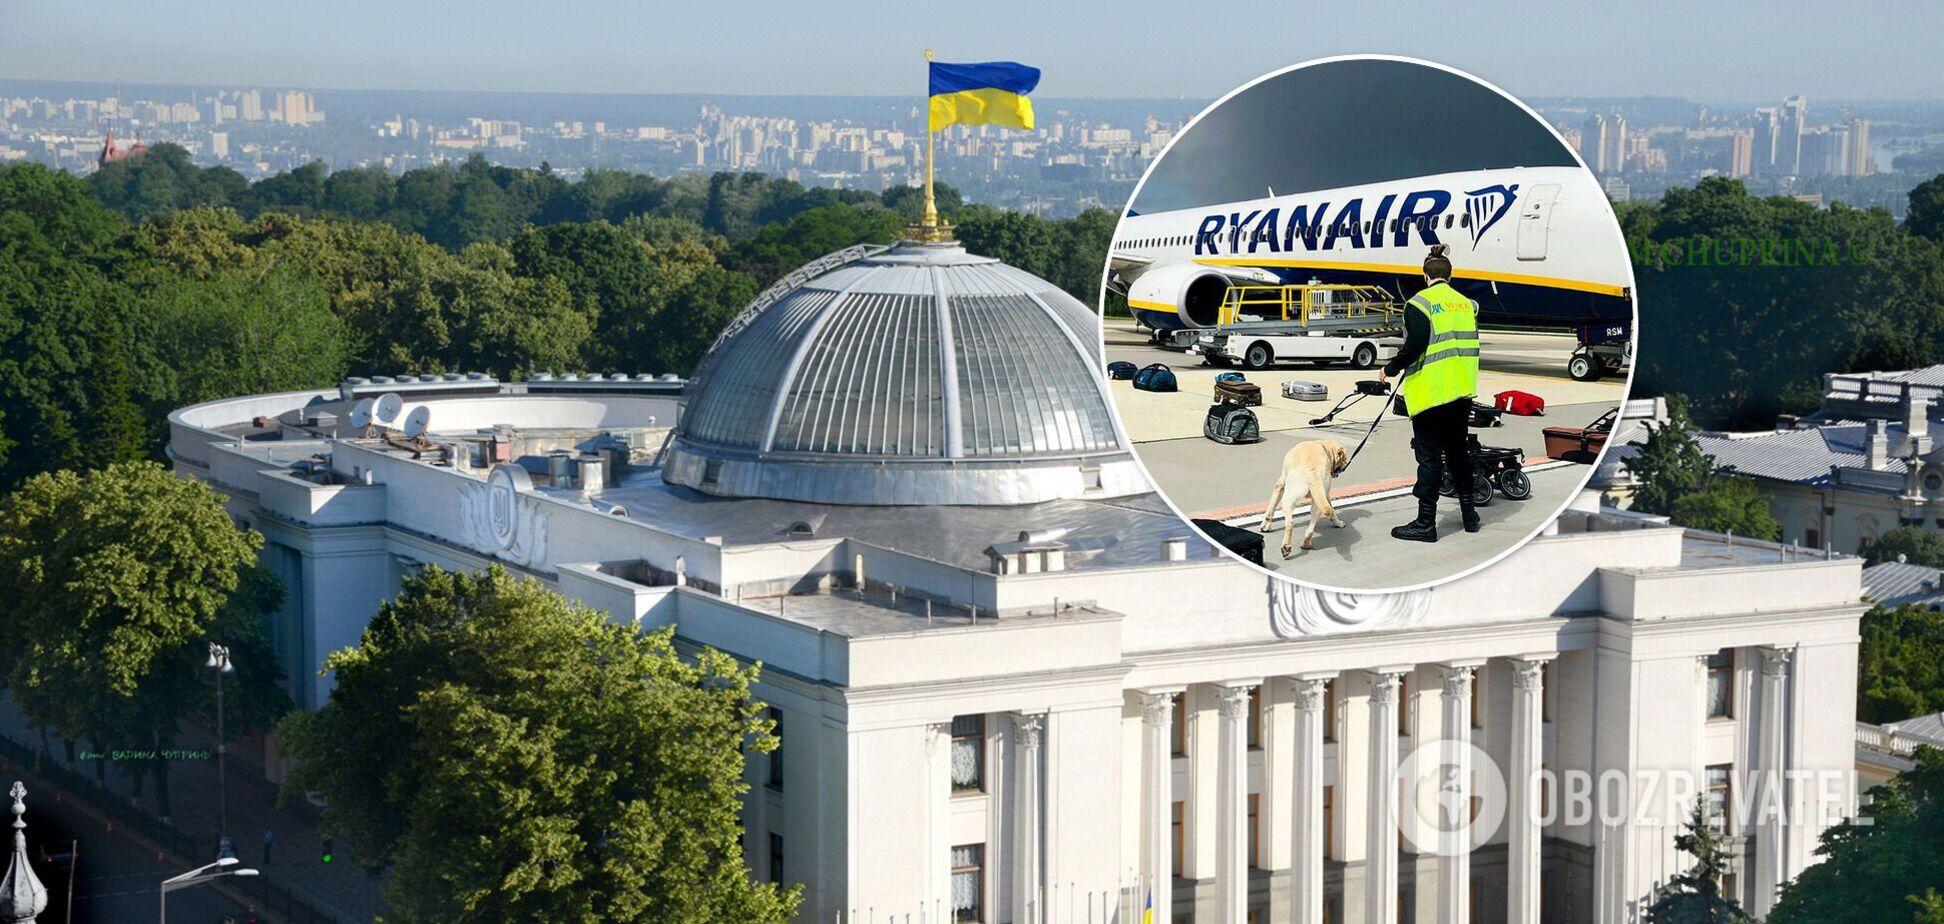 Нардепы приняли постановление об инциденте с самолетом Ryanair в Минске